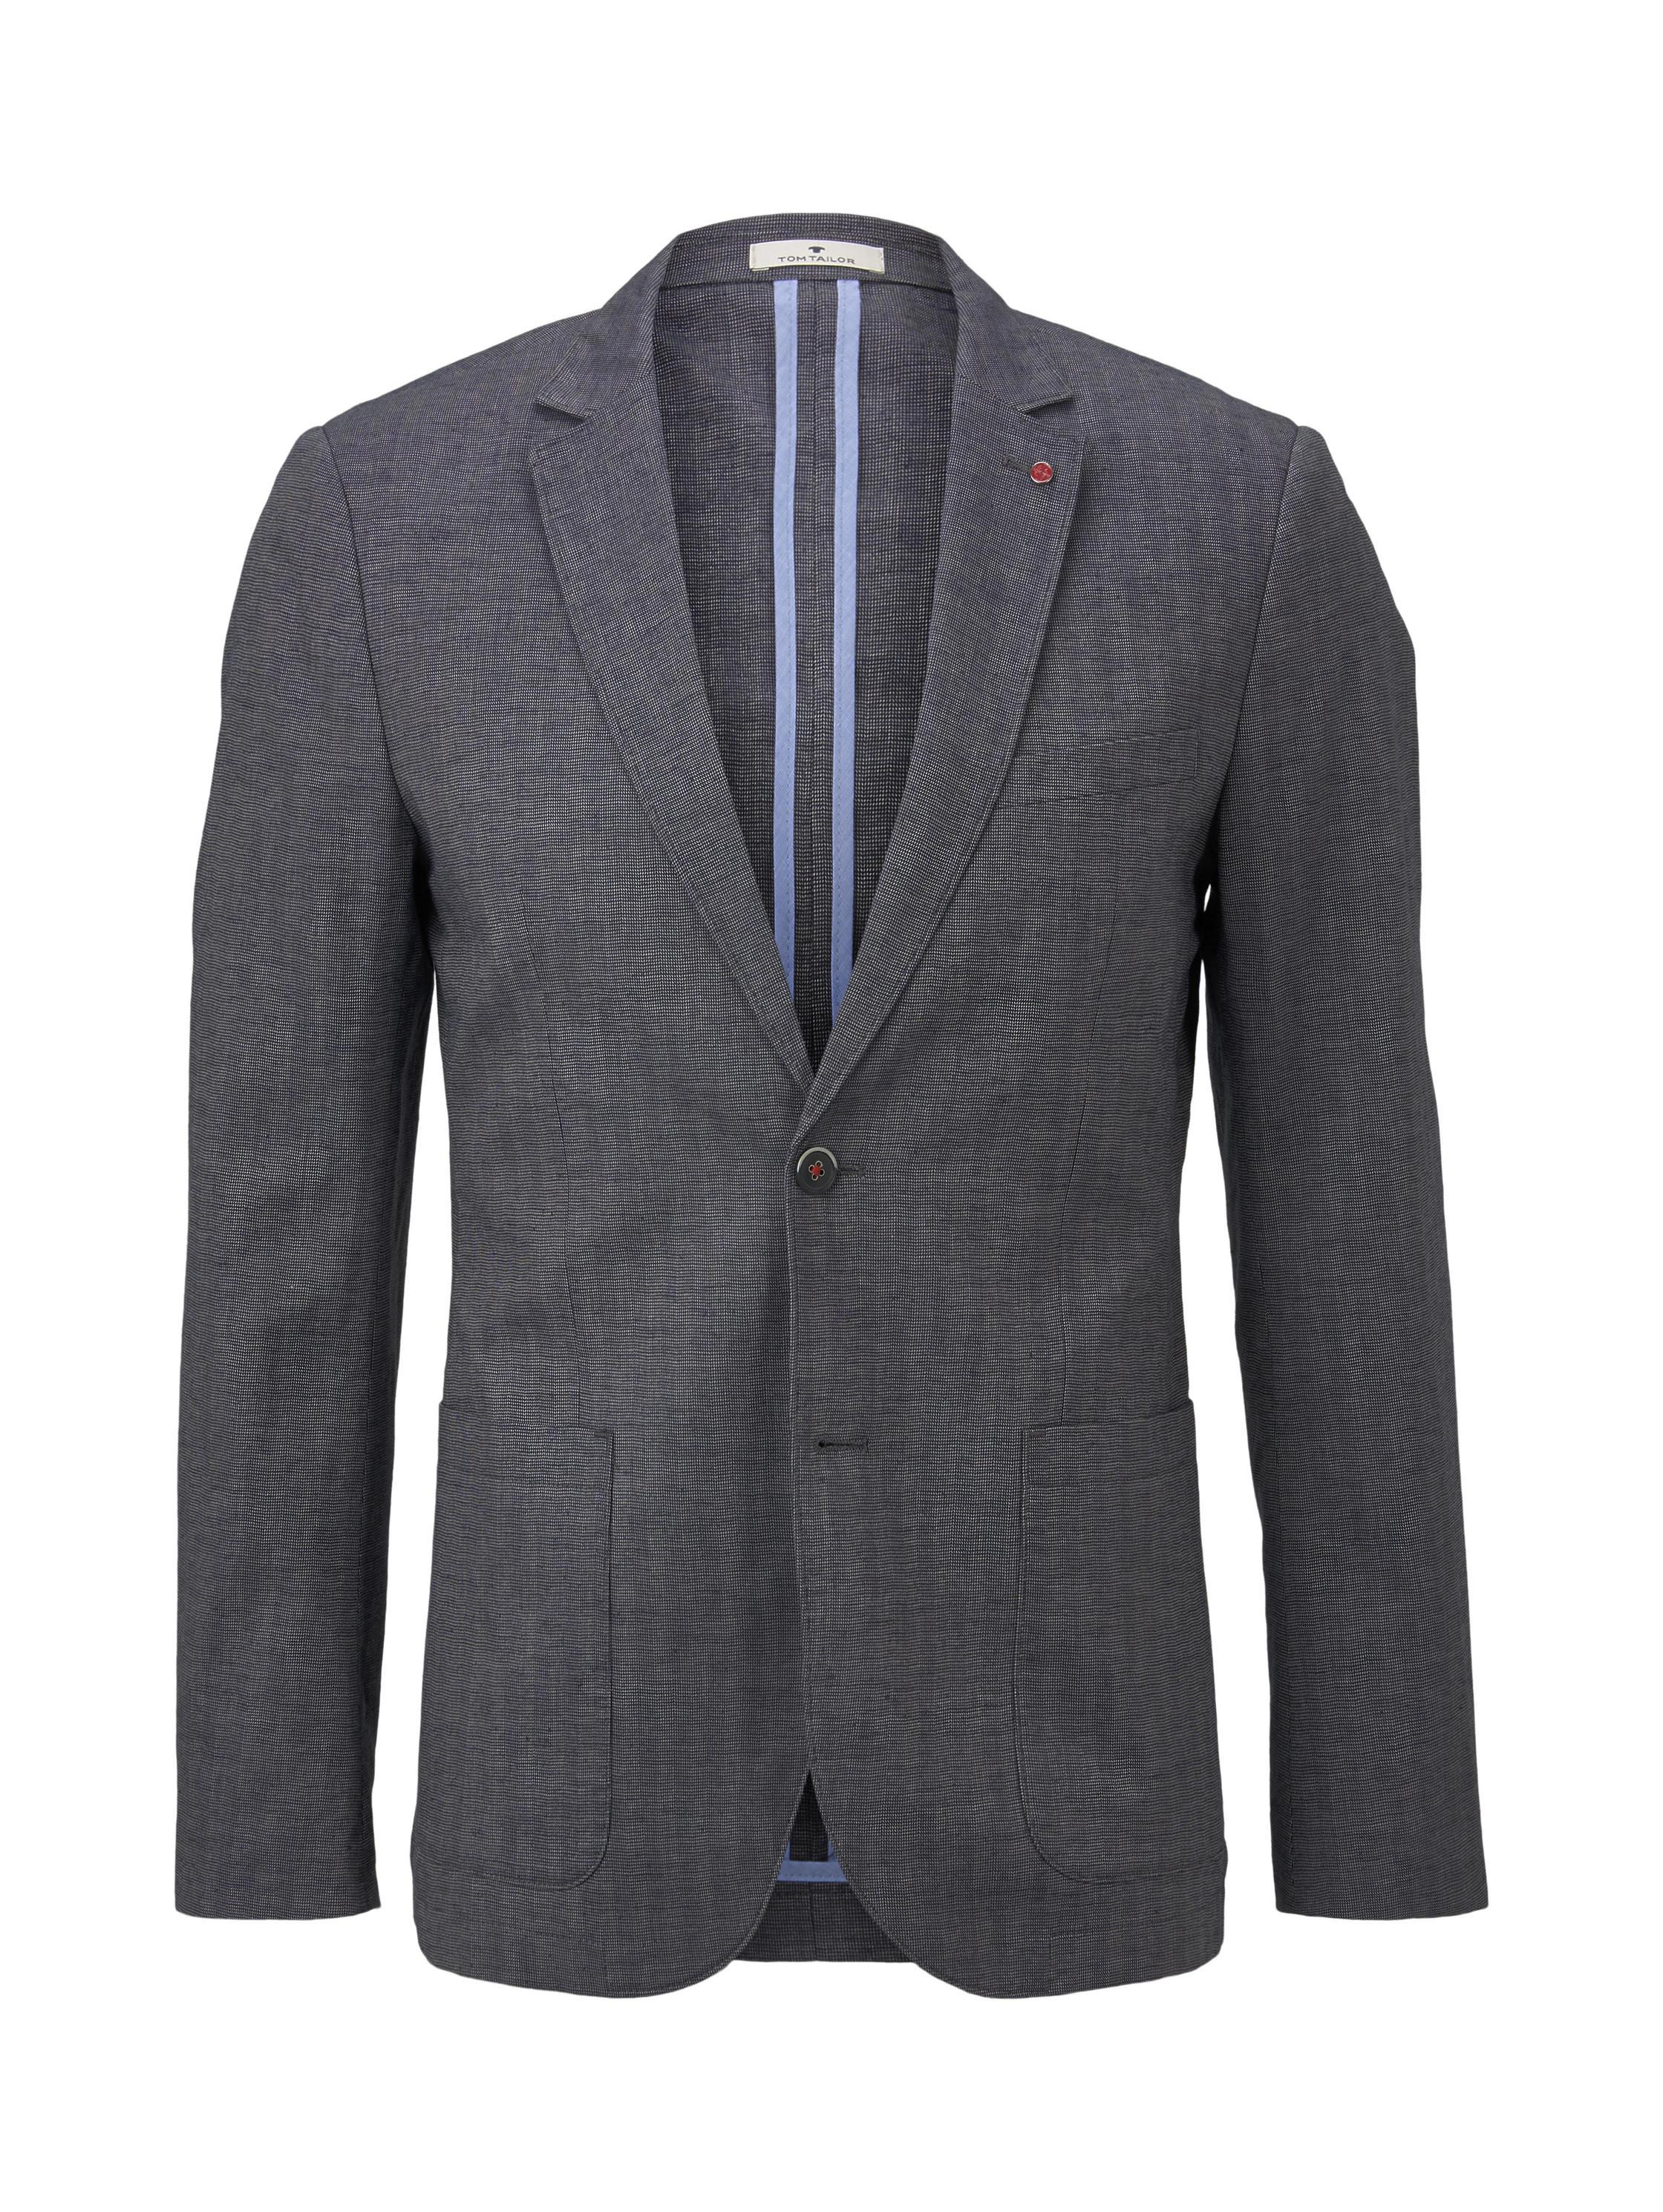 linnen mix blazer, blue linen structure